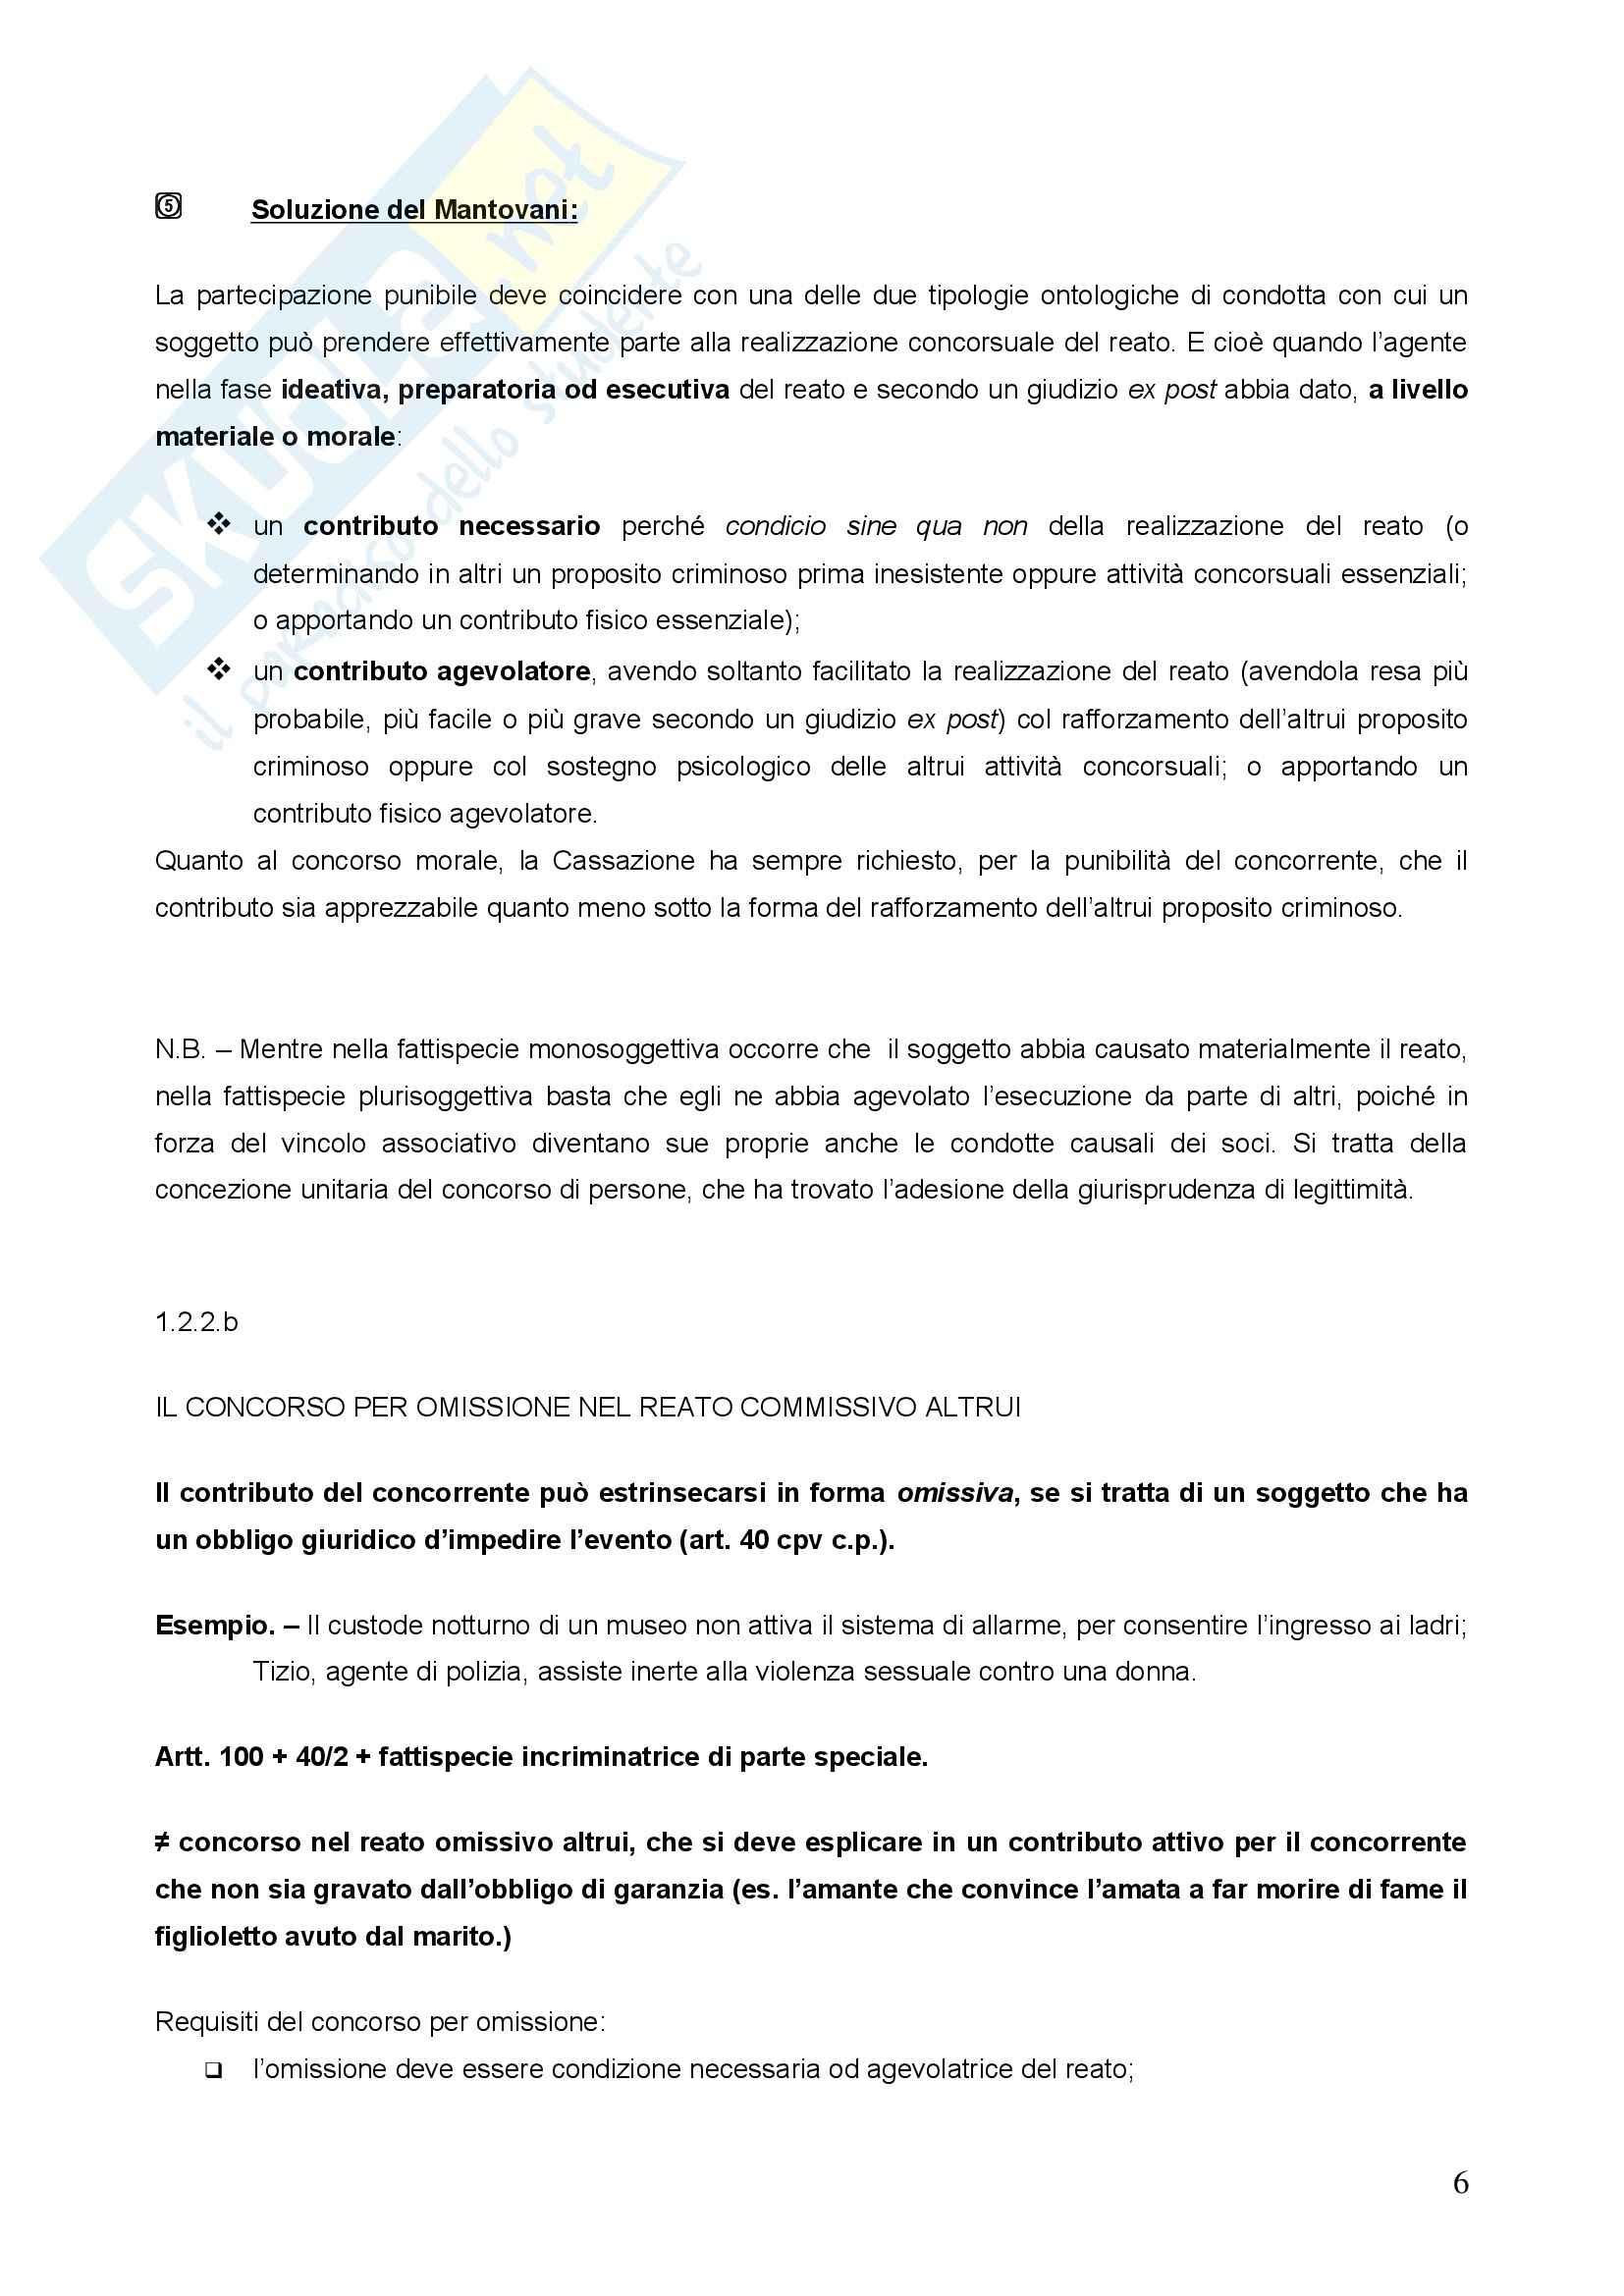 Diritto penale - concorso di persone nel reato Pag. 6